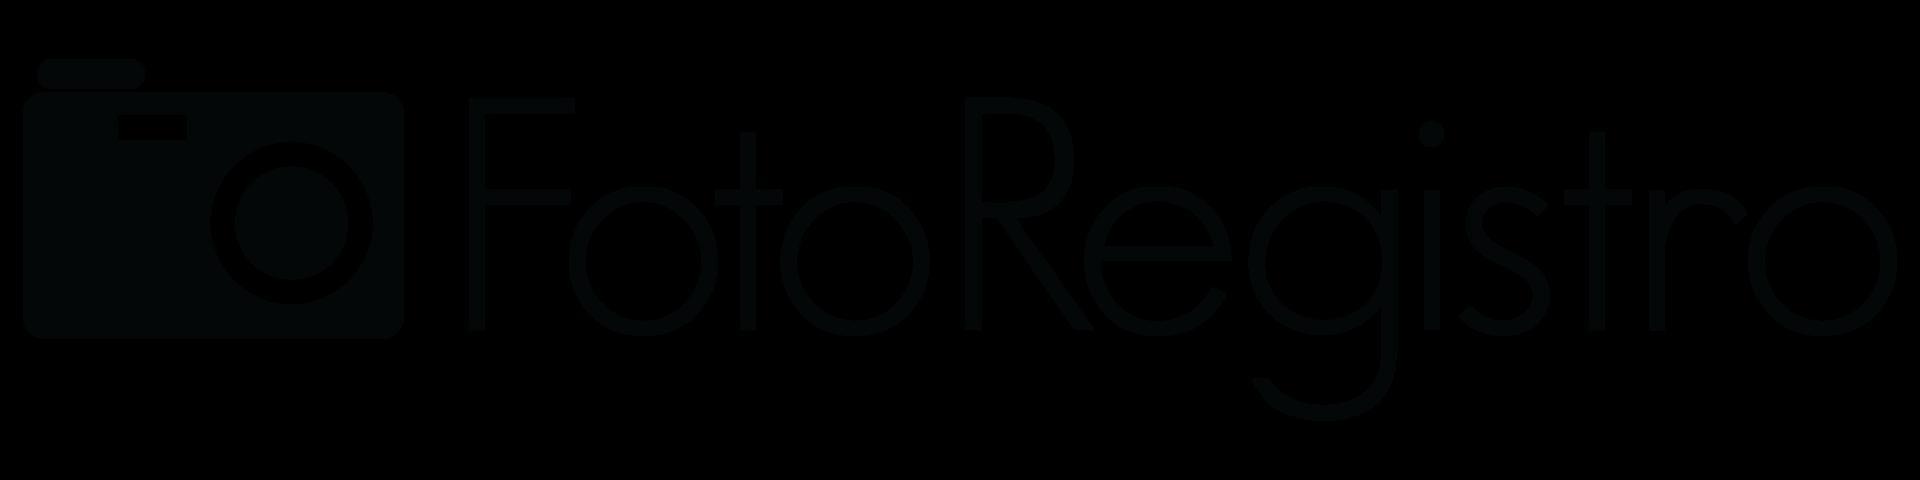 Logo-Preto-FOTOREG